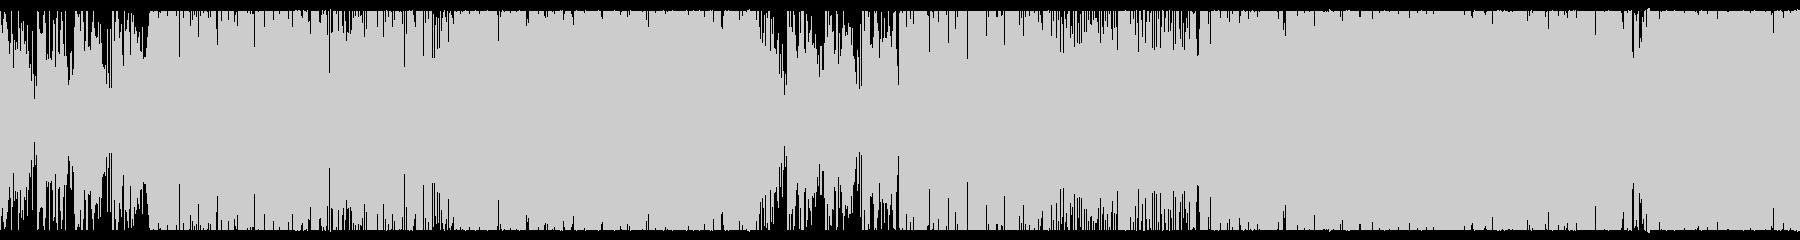 リズムの良い明るいエレクトロサウンド、Lの未再生の波形